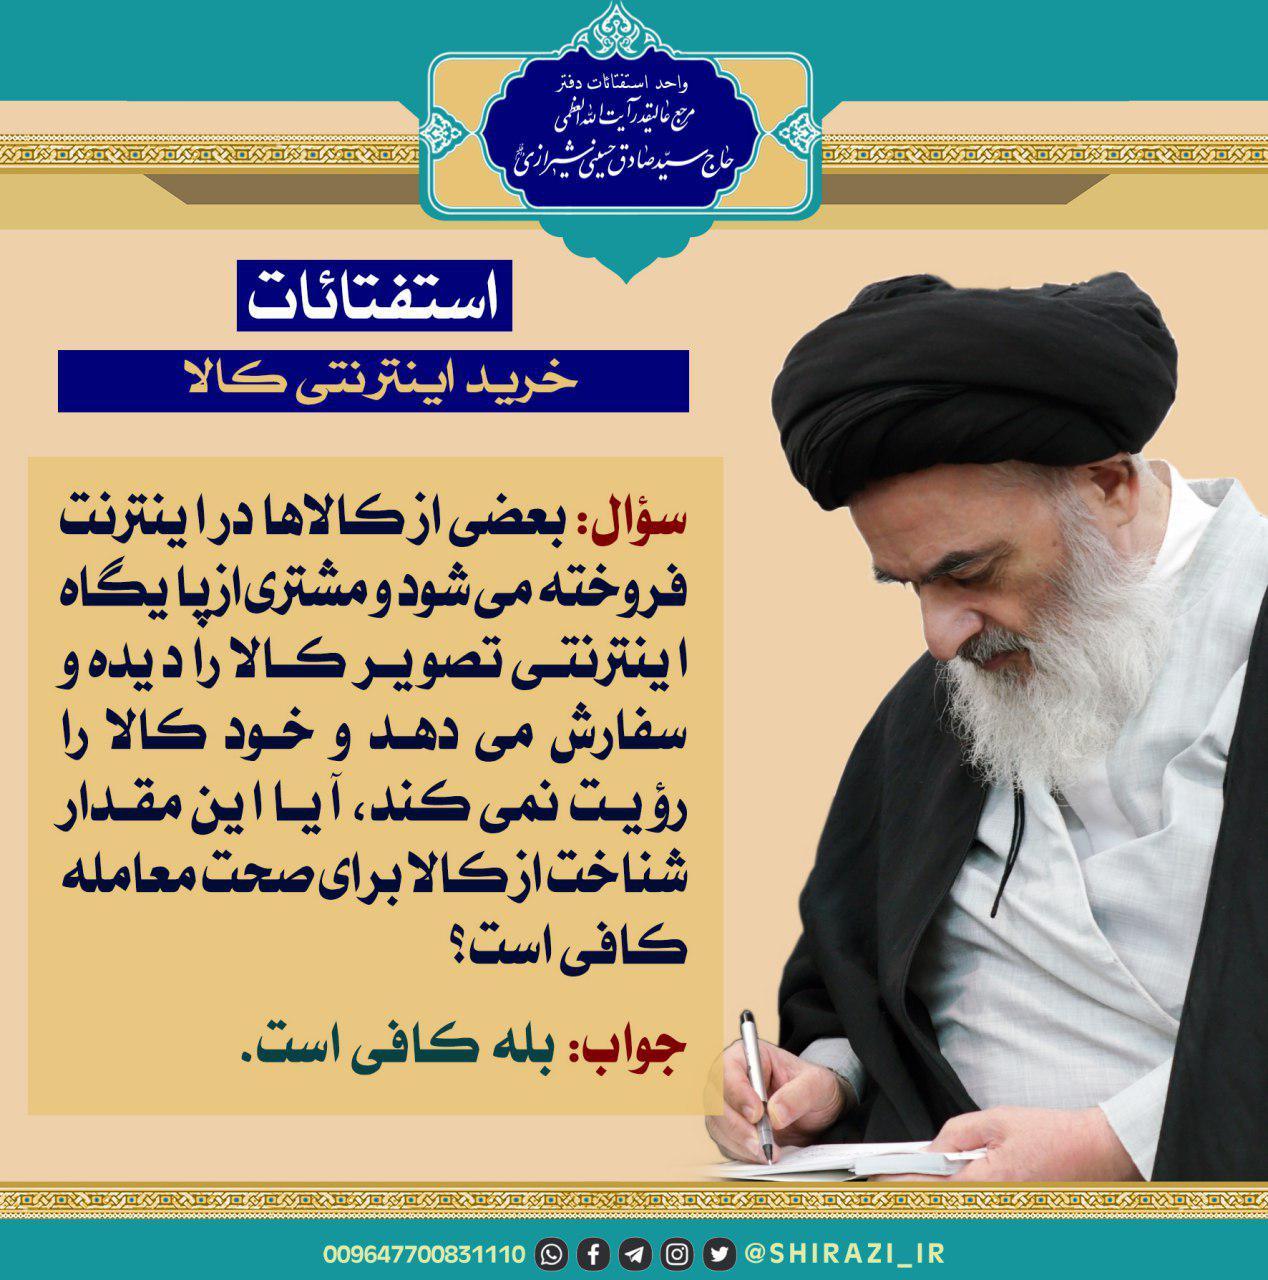 تصویر حکم شرعی دفتر مرجعیت شیعه در خصوص خرید و فروش اینترنتی